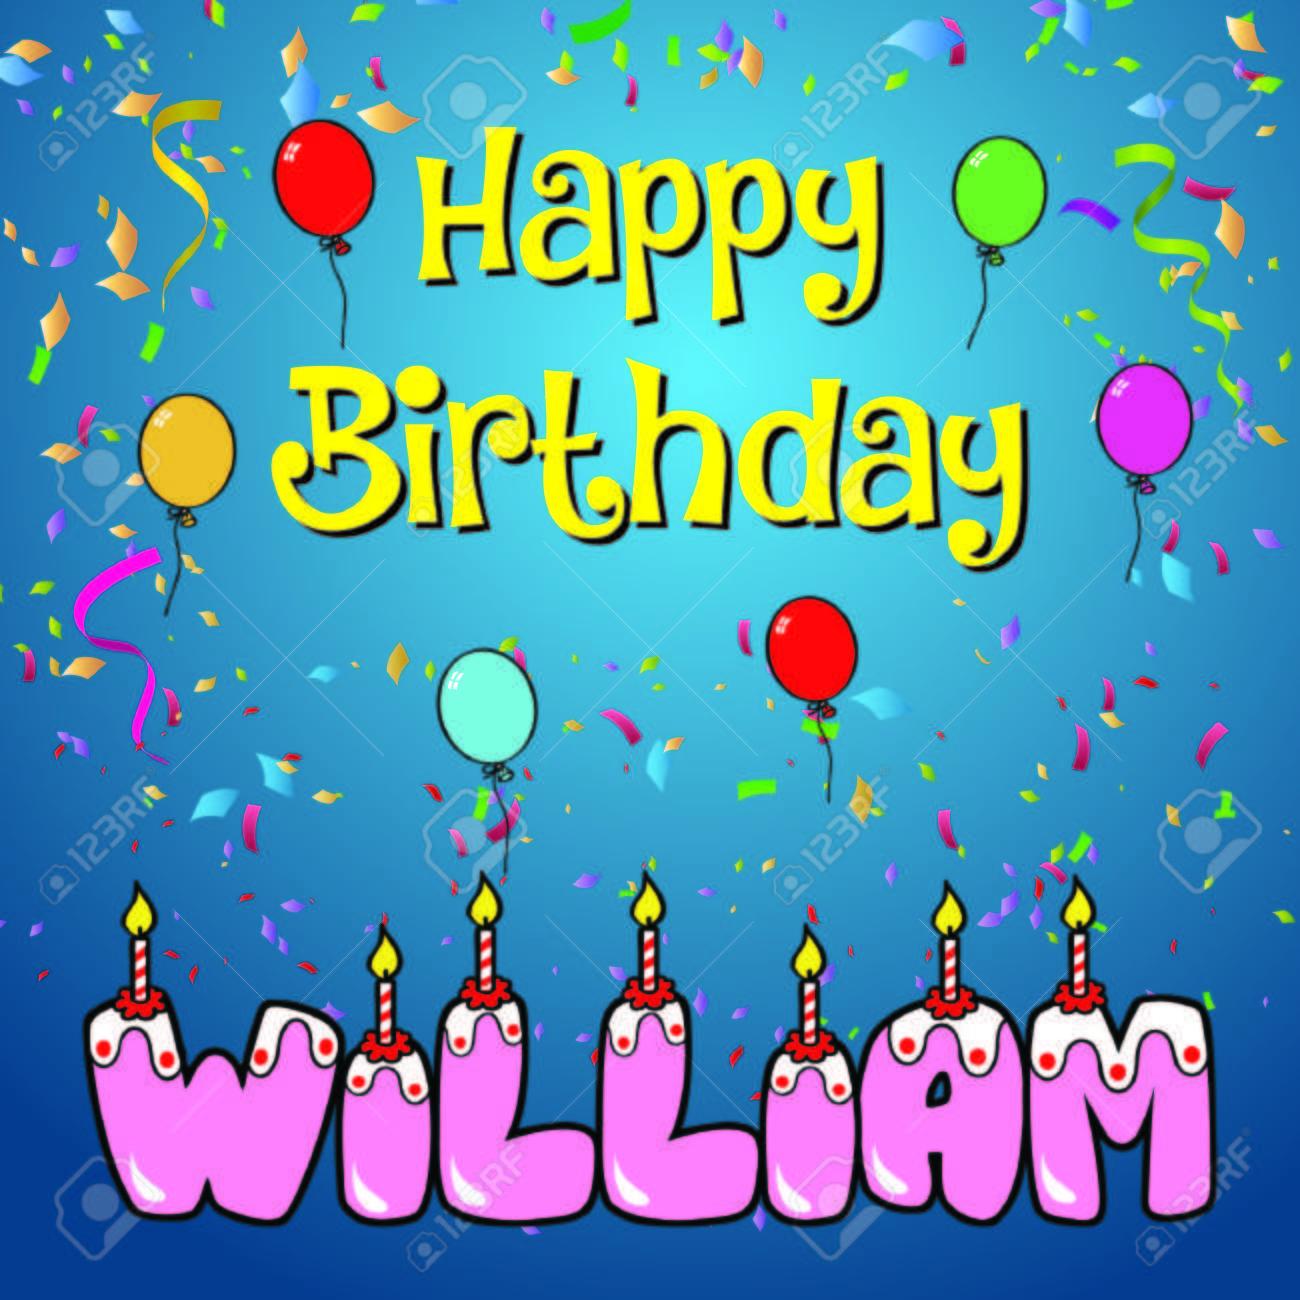 happy birthday william - 75489853